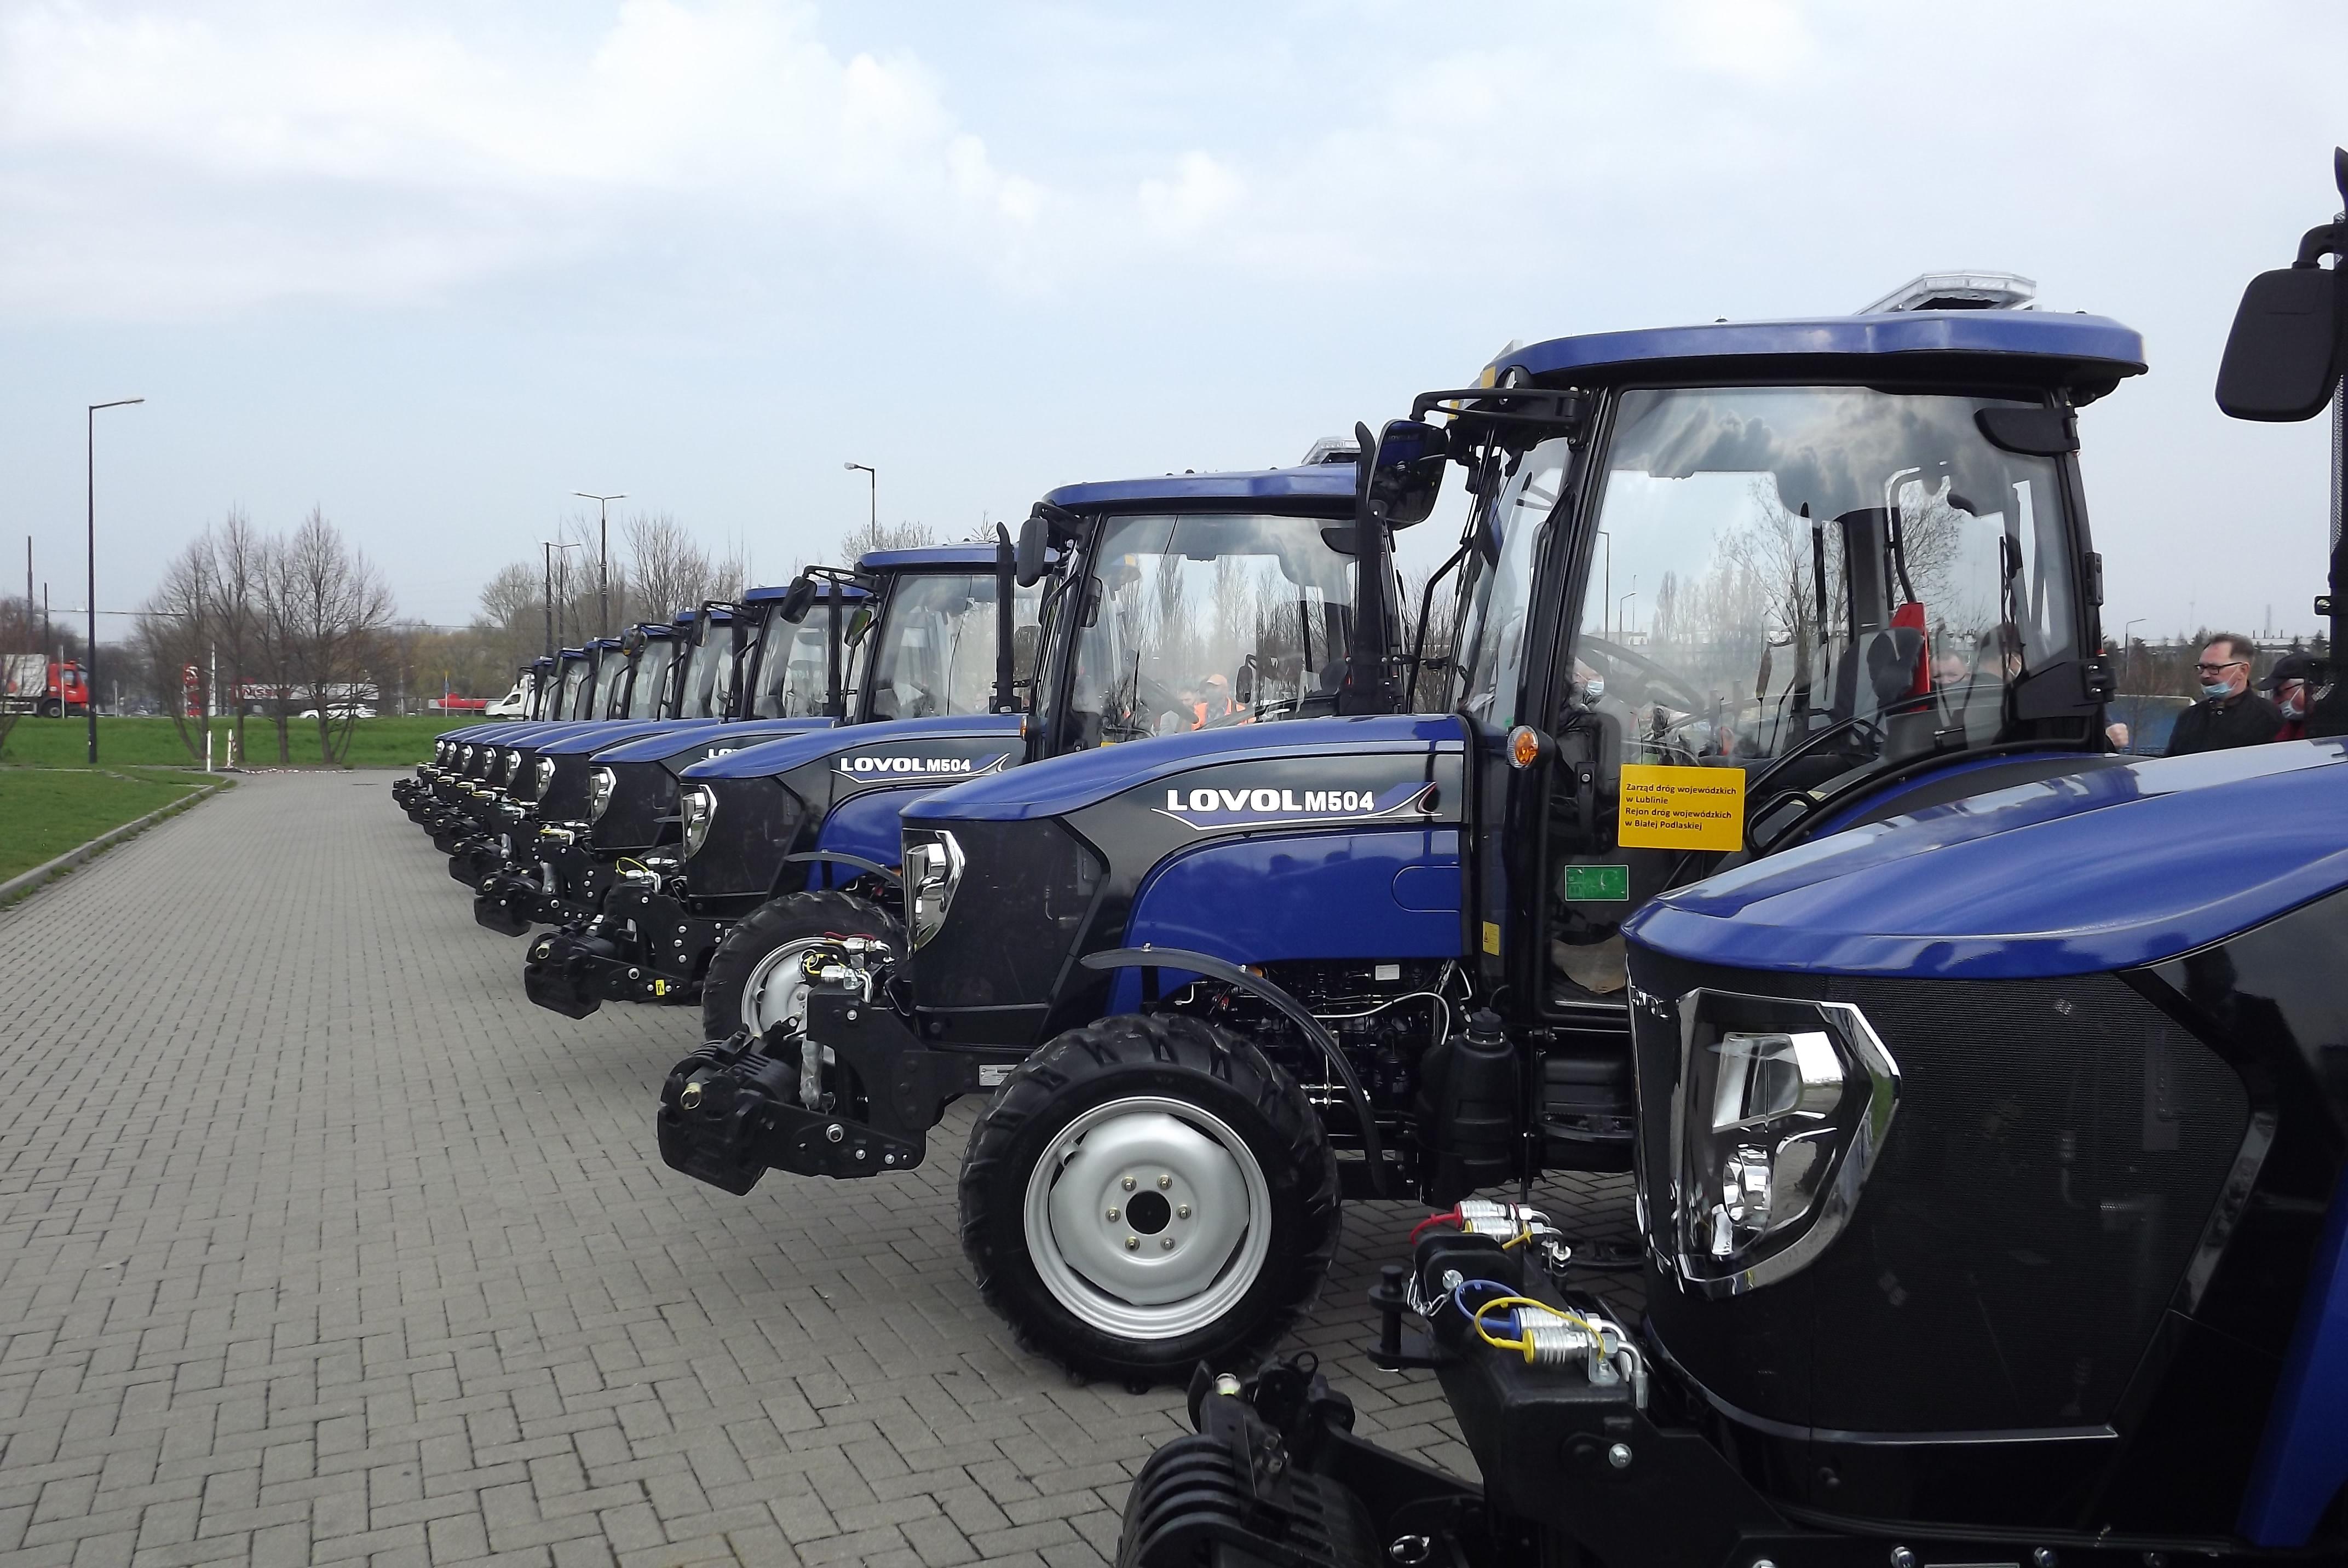 Zarząd Dróg Wojewódzkich w Lublinie kupił 10 ciągników. Do utrzymania dróg w regionie - Zdjęcie główne